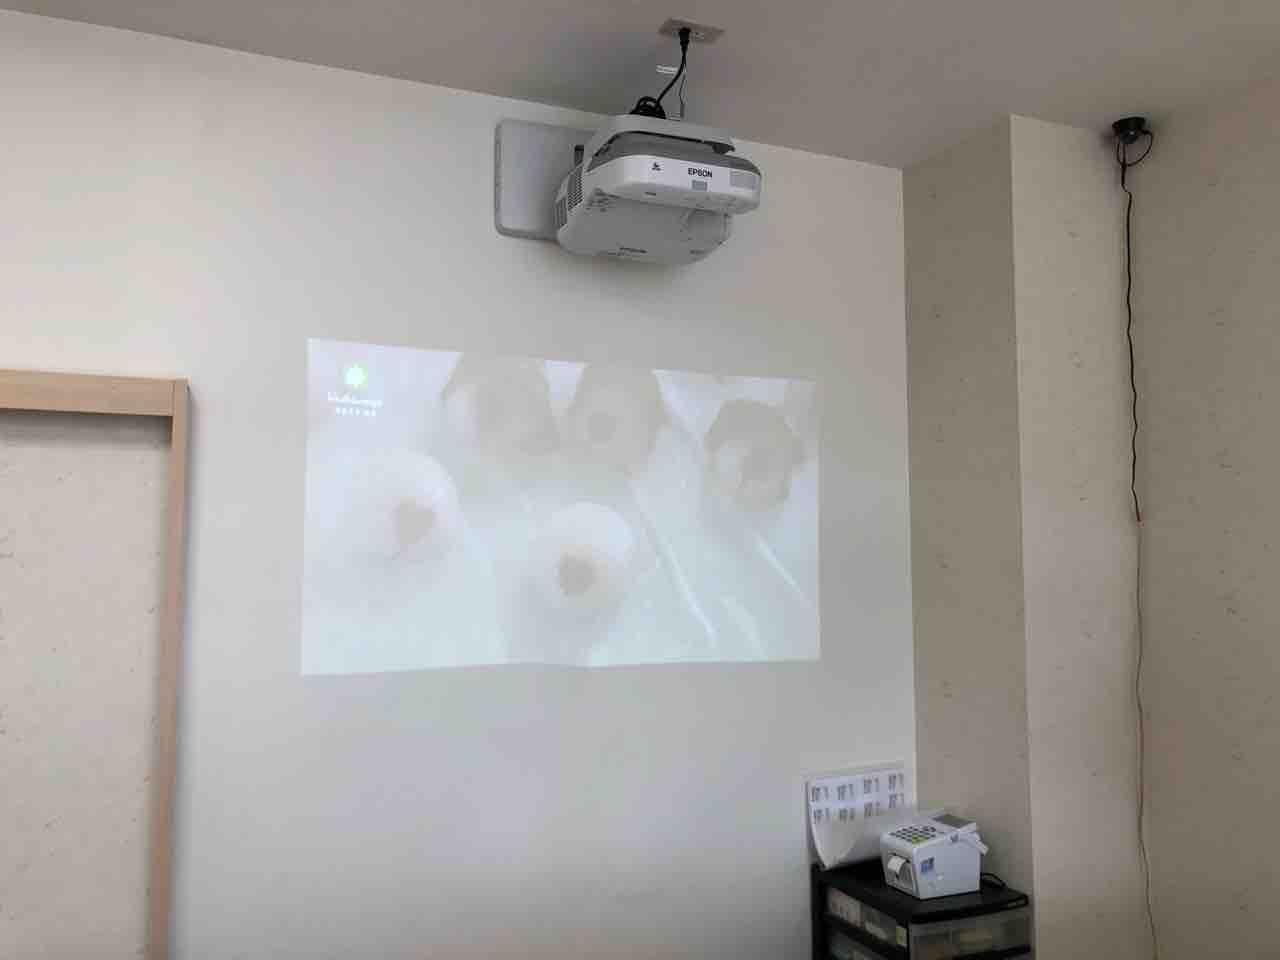 『御菓子司 柏屋』壁に映像がプロジェクタで映されてる